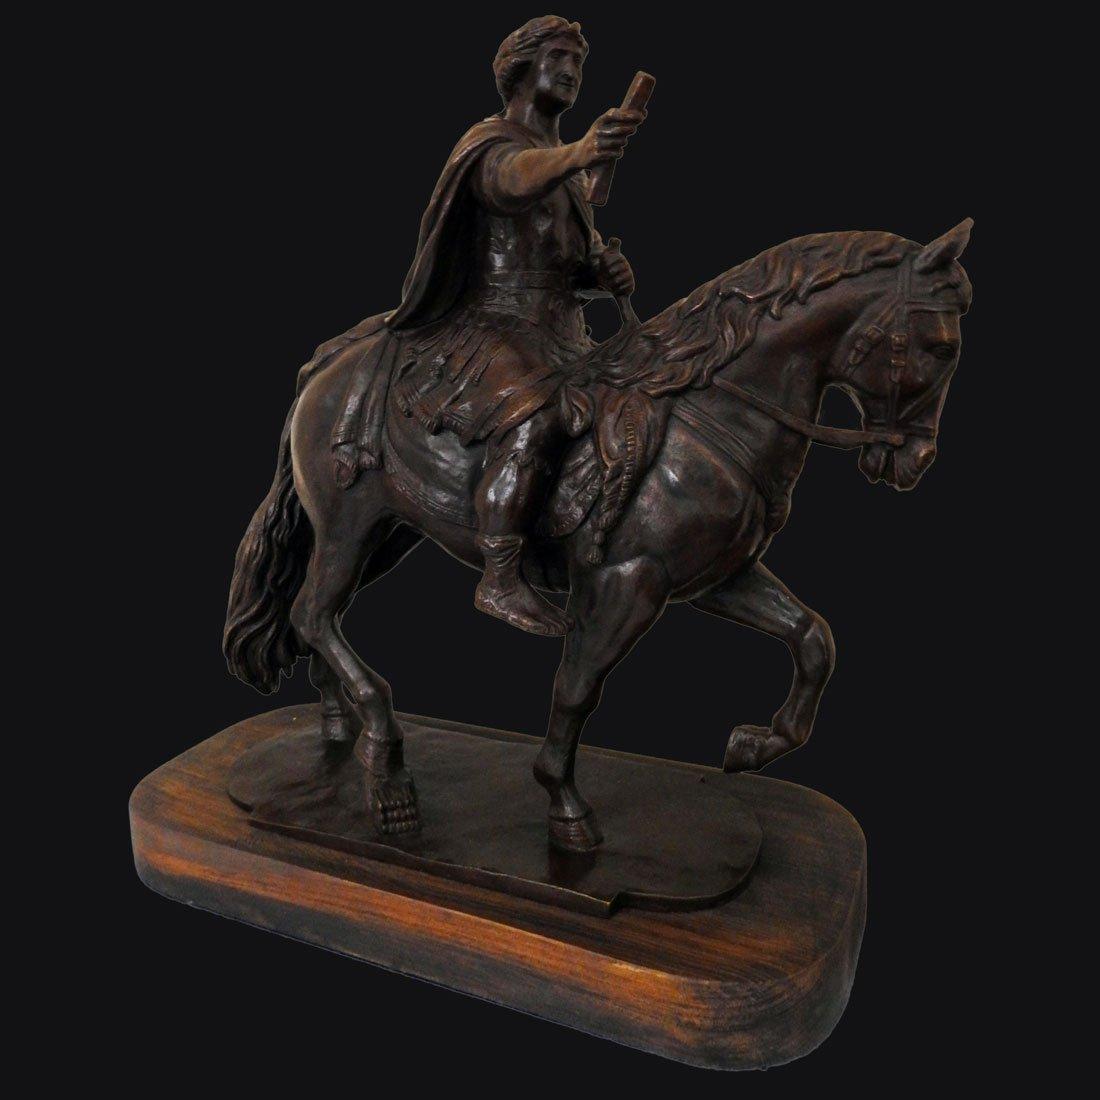 Escultura pequeño formato Caballito